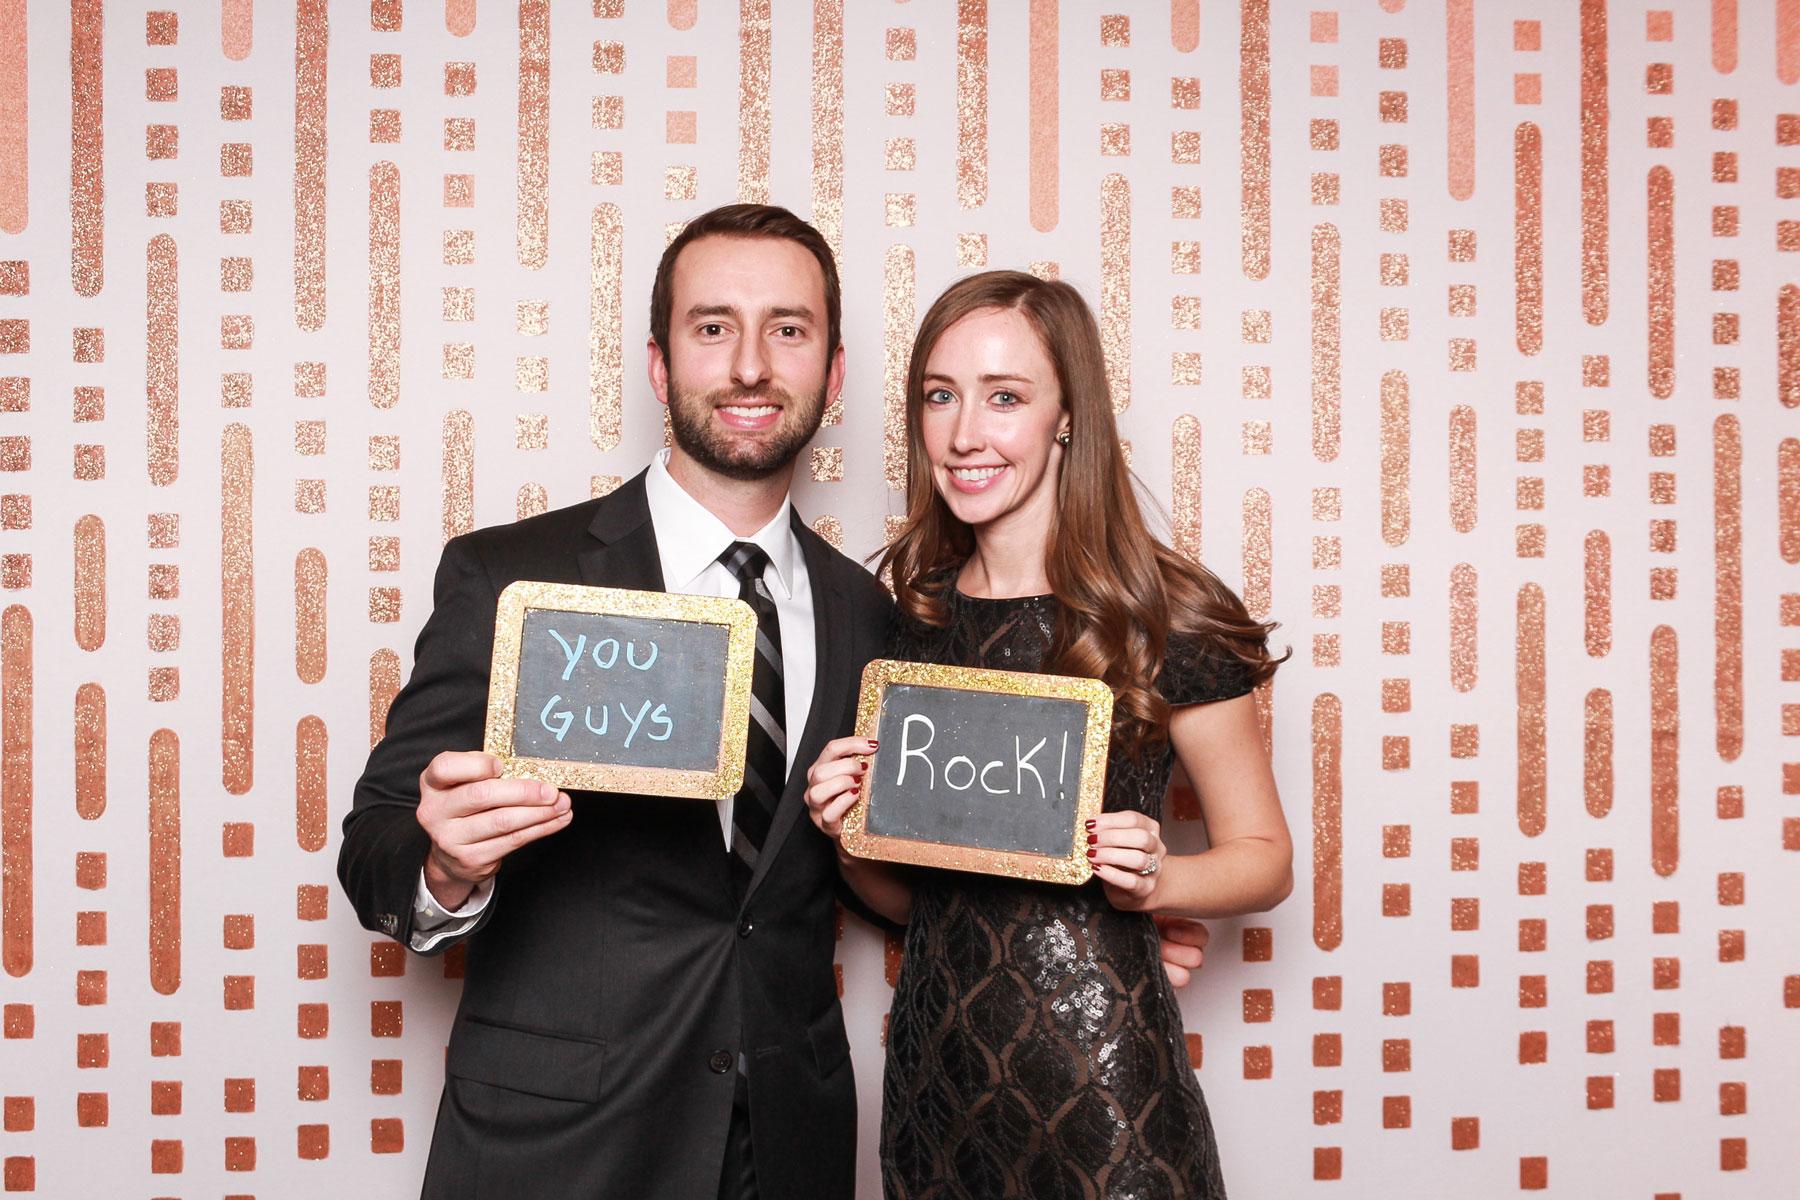 Rose gold wedding photo backdrop